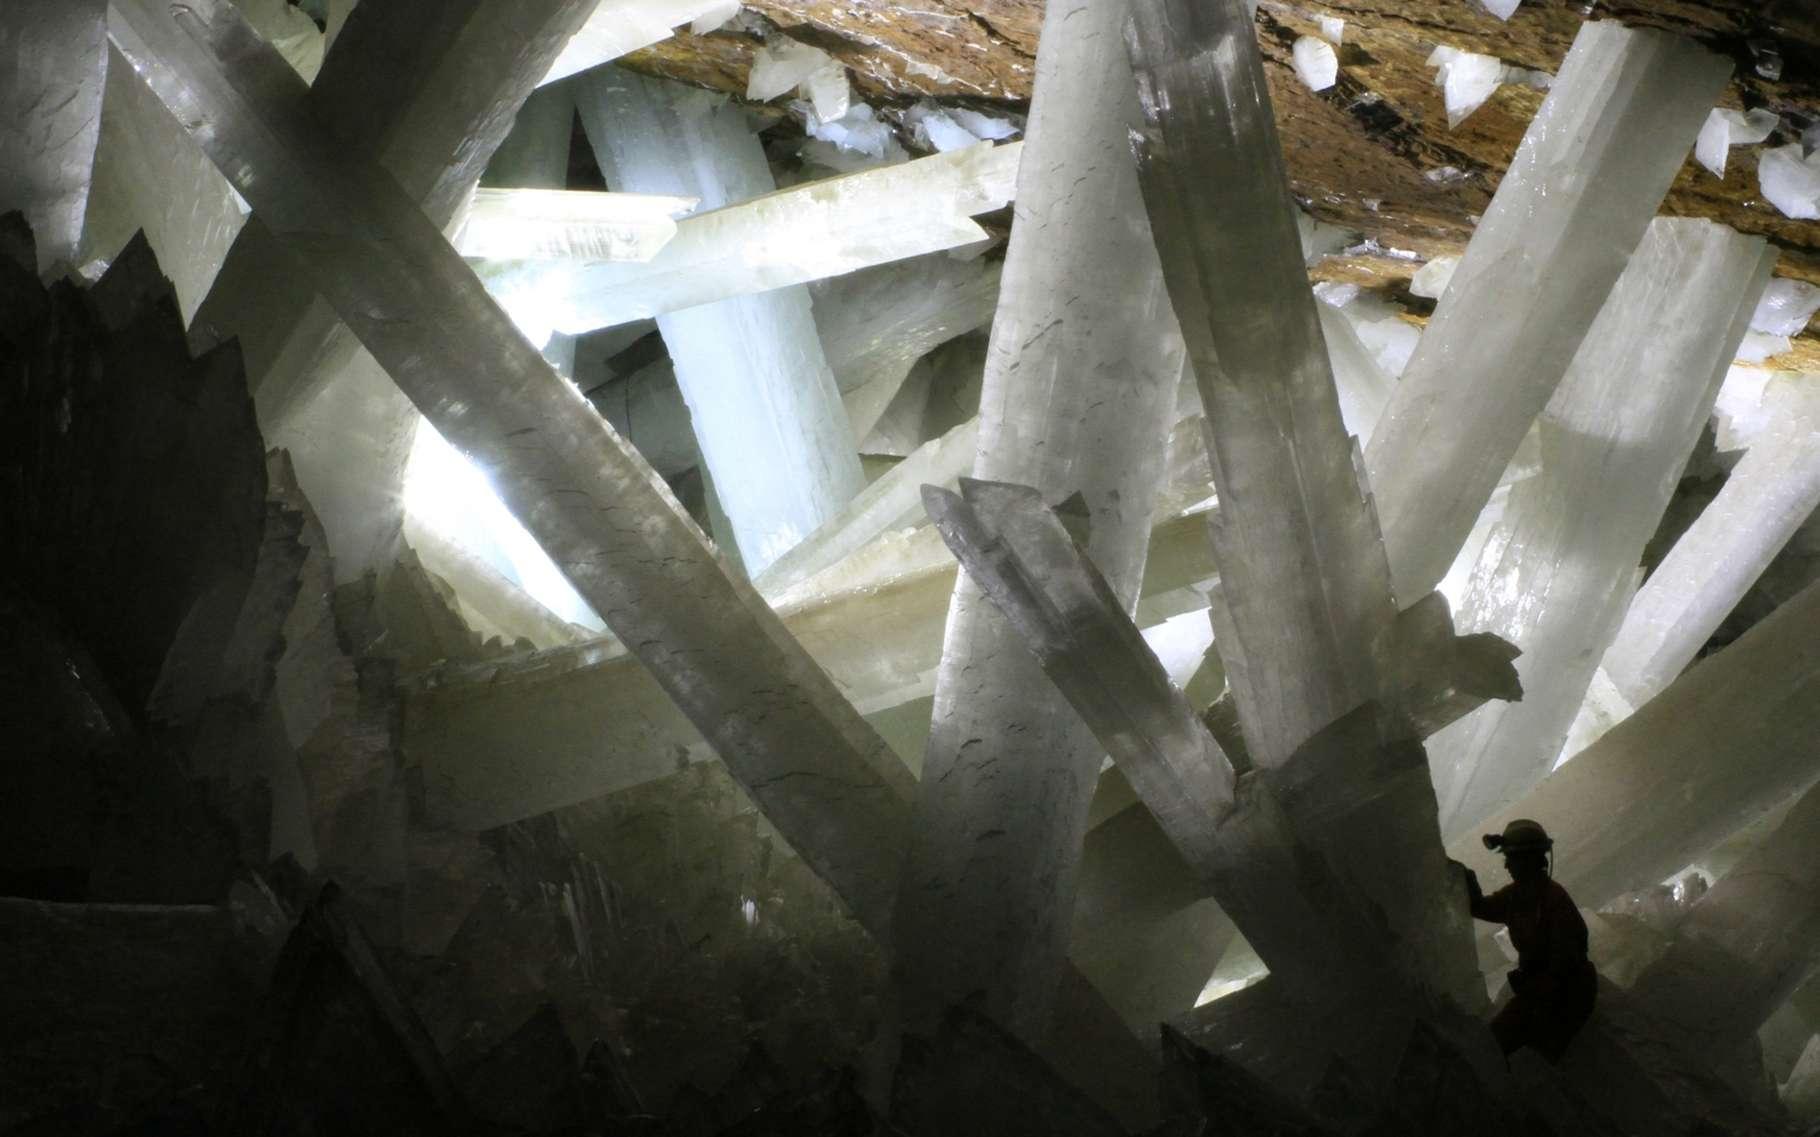 Des cristaux longs de plusieurs mètres ont lentement poussé dans ces grottes noyées d'eau, au Mexique. Après l'assèchement par pompage pour exploiter le plomb, l'argent et le cuivre qui s'y trouvent, ces structures géantes de gypse ont cessé de grandir et les scientifiques y découvrent des inclusions contenant des restes de pollens, témoins d'une végétation disparue, et même des bactéries dormantes. © Rob Lavinsky, licence Creative Wikimedia Commons CC BY-SA 3.0